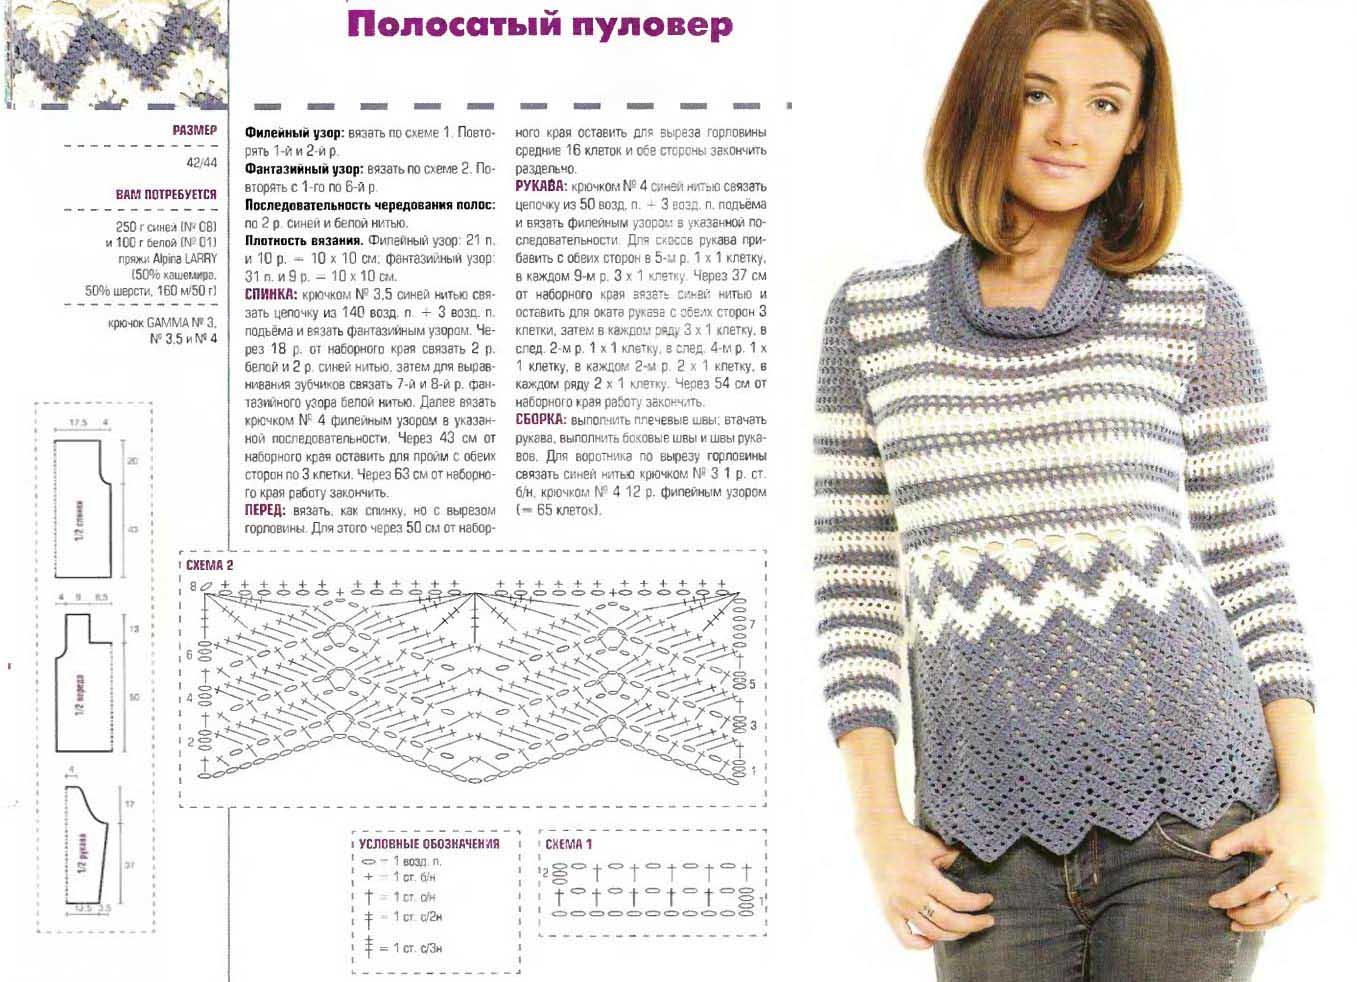 pulover zhenskij kryuchkom 8 - Вязаный пуловер крючком для женщин схемы и описание